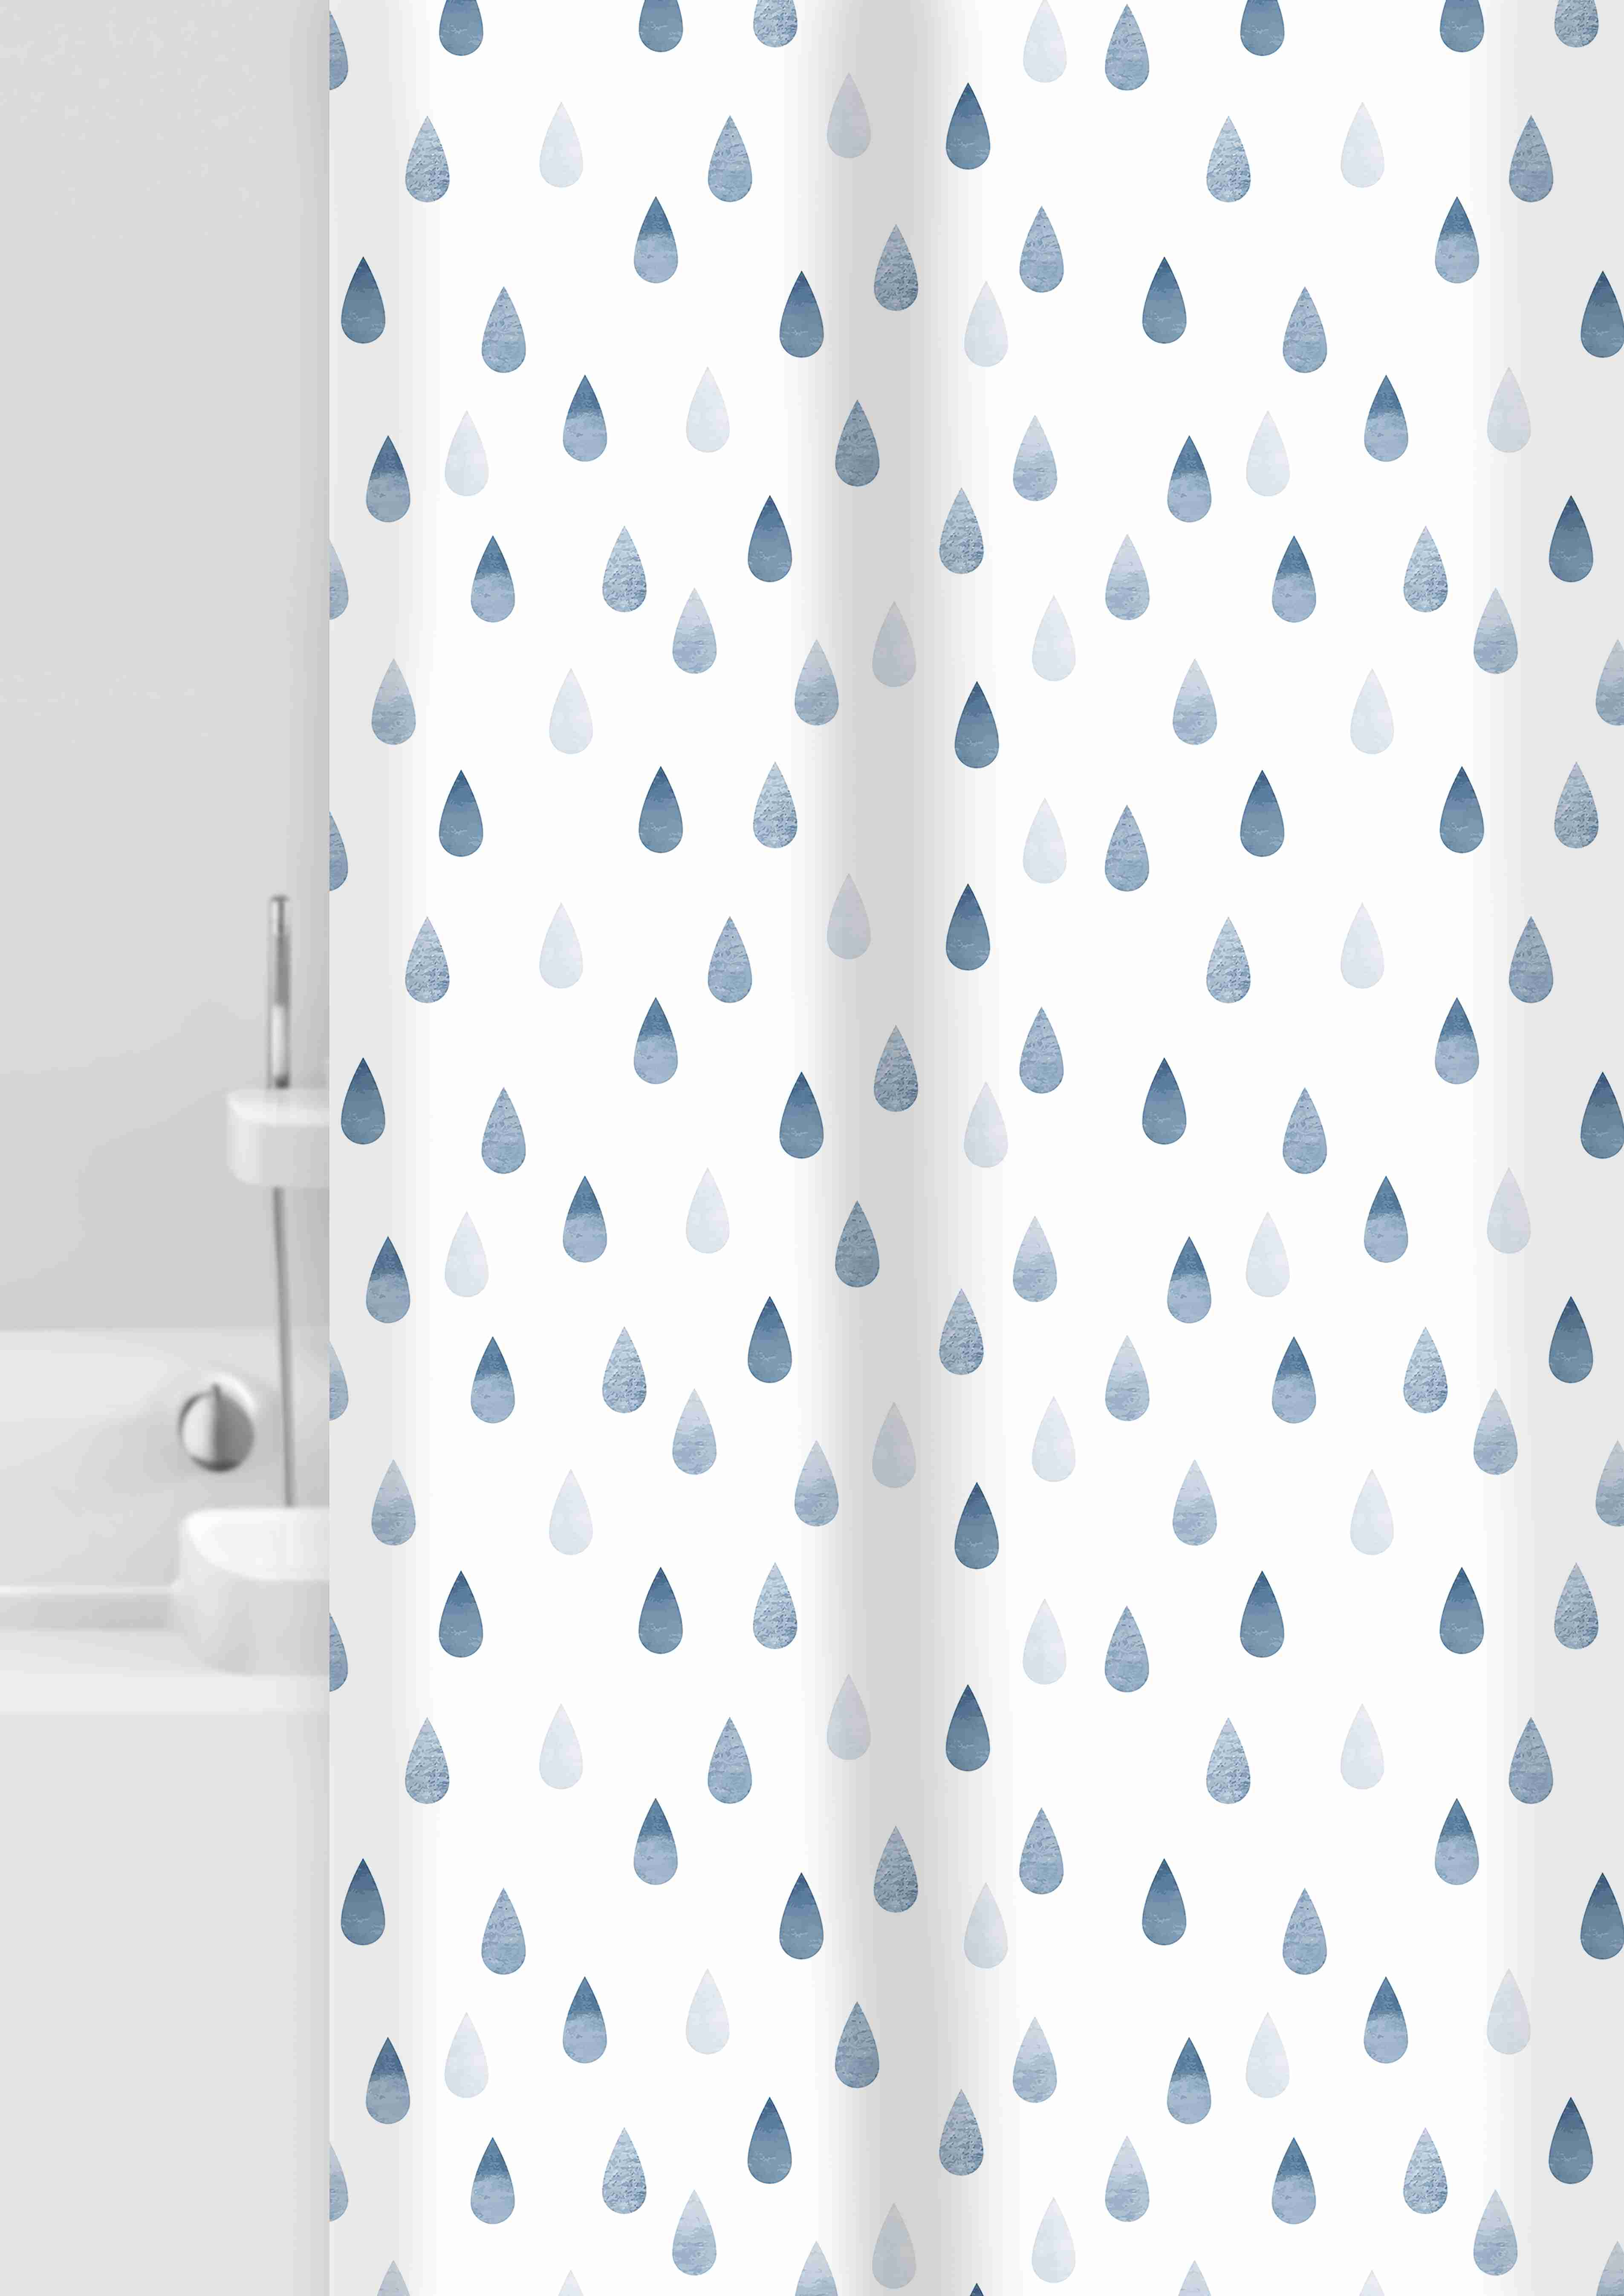 GRUND Sprchový závěs DROPS Bílá modrá 180x200 cm